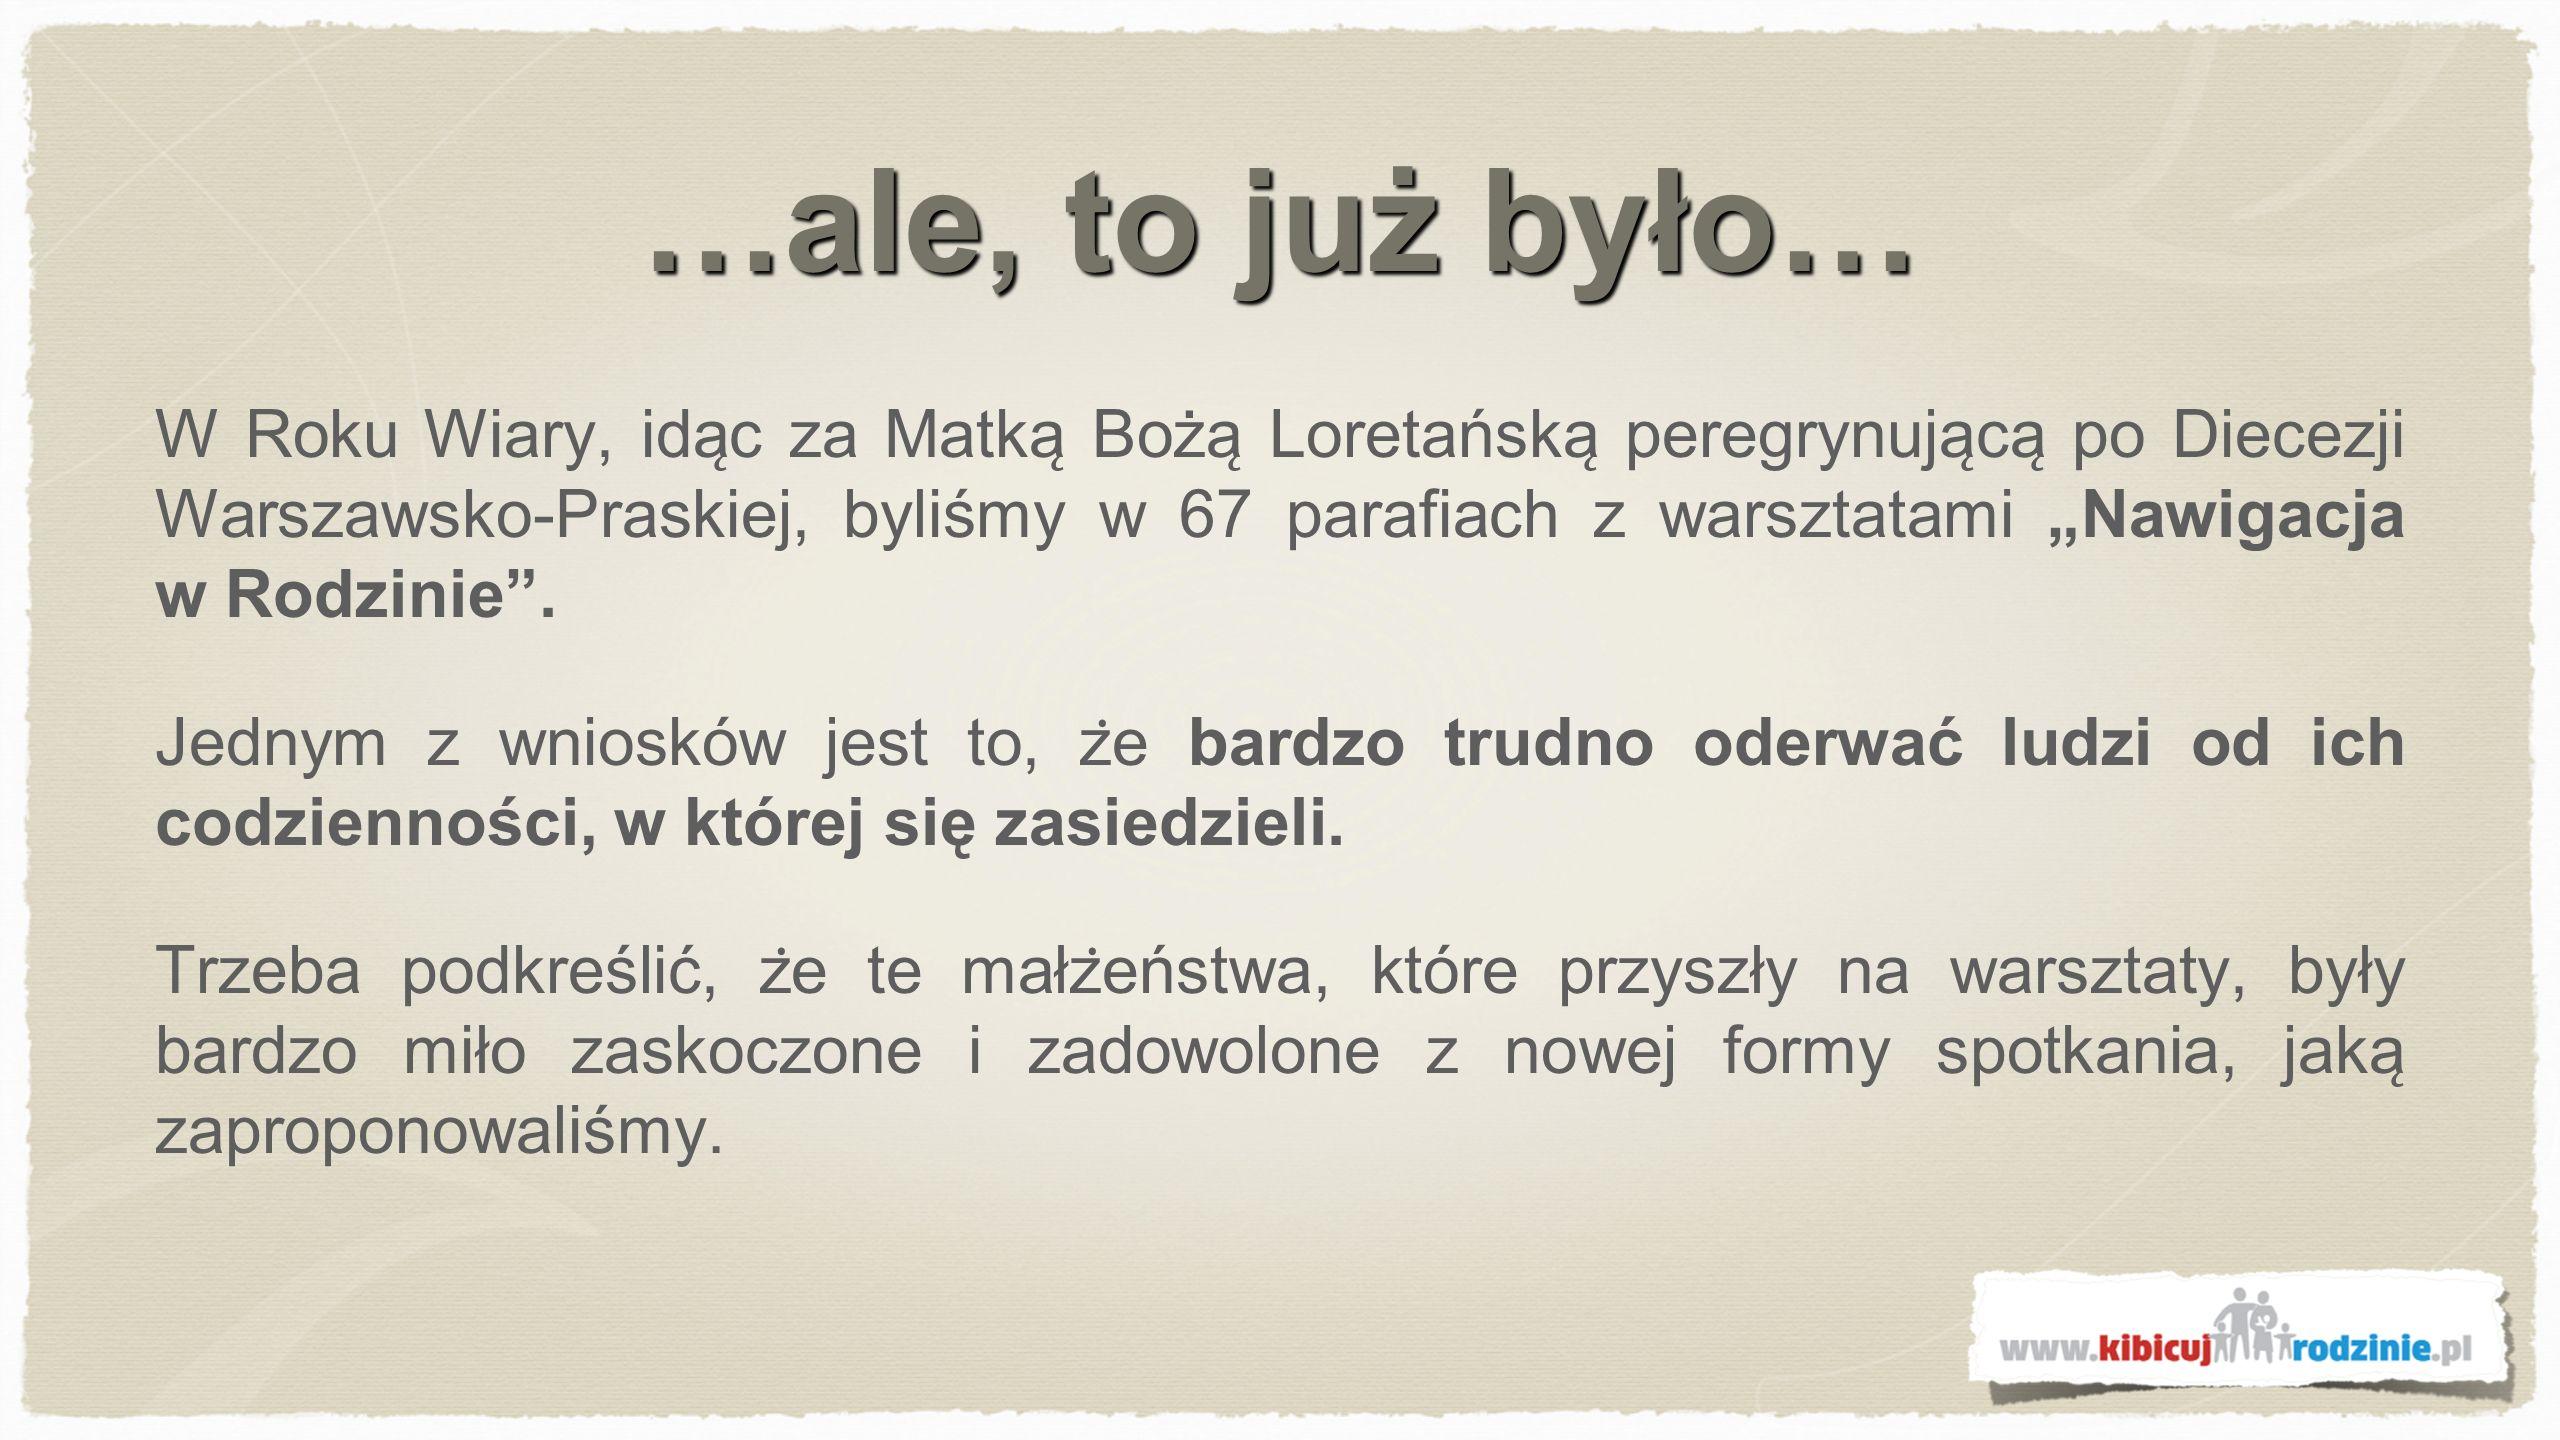 …ale, to już było… W Roku Wiary, ida ̨ c za Matka ̨ Boża ̨ Loretańska ̨ peregrynuja ̨ ca ̨ po Diecezji Warszawsko-Praskiej, byliśmy w 67 parafiach z warsztatami Nawigacja w Rodzinie.